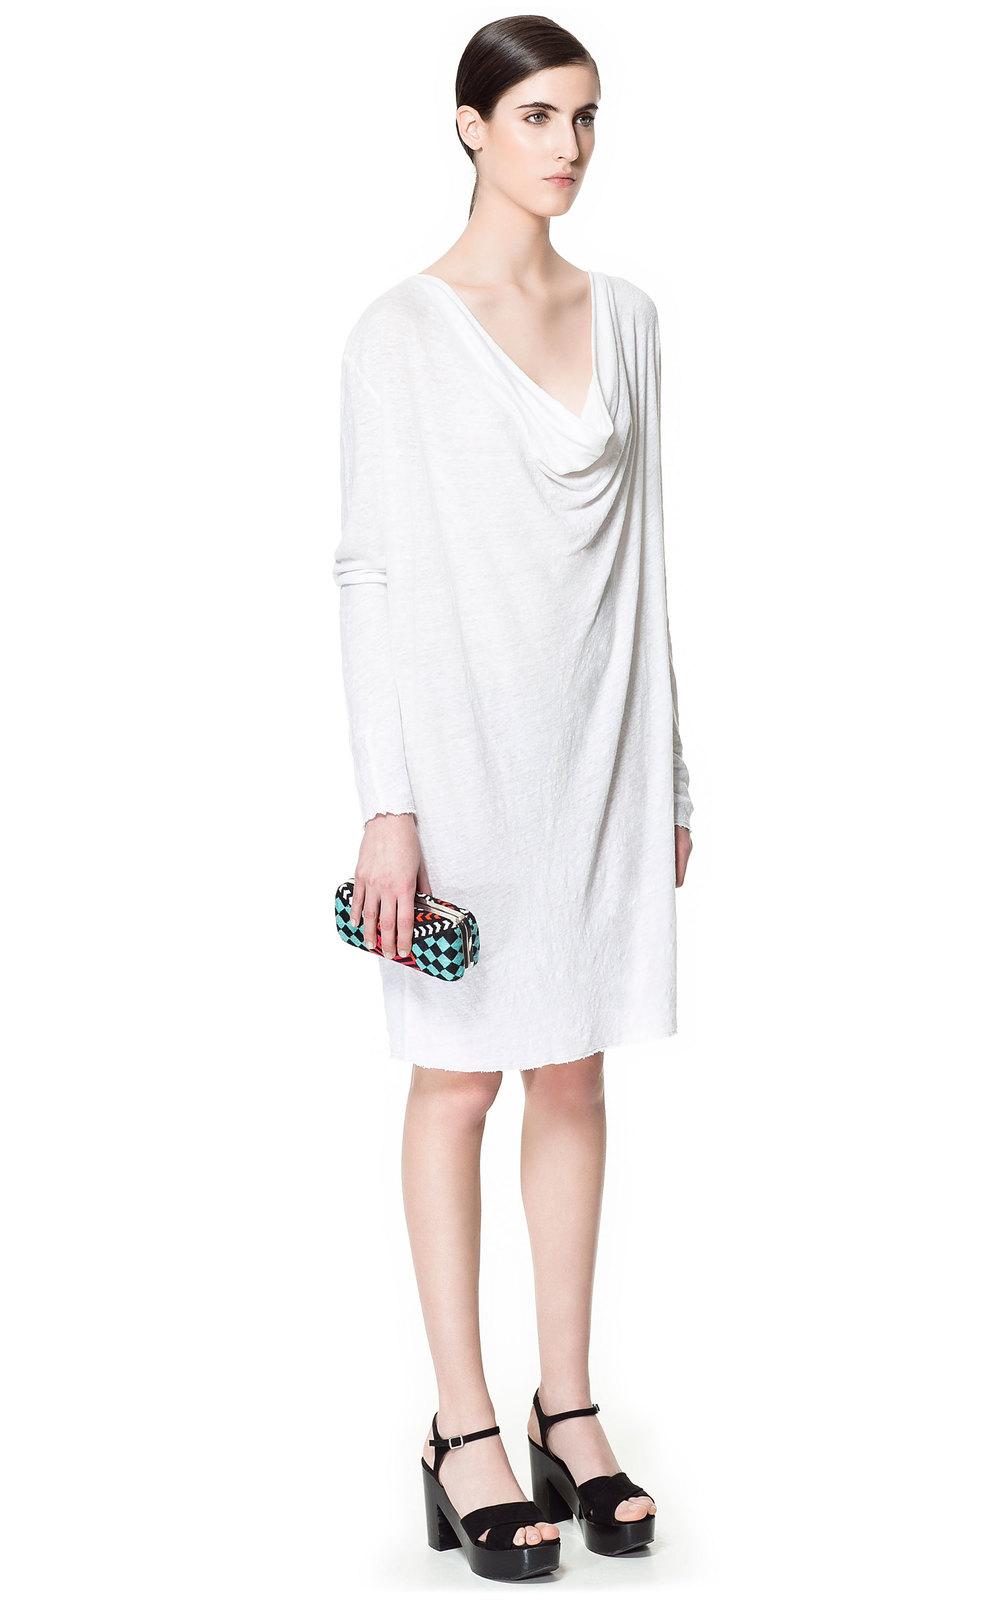 Draped Linen T-Shirt Dress, orig. $49.90, now $19.90